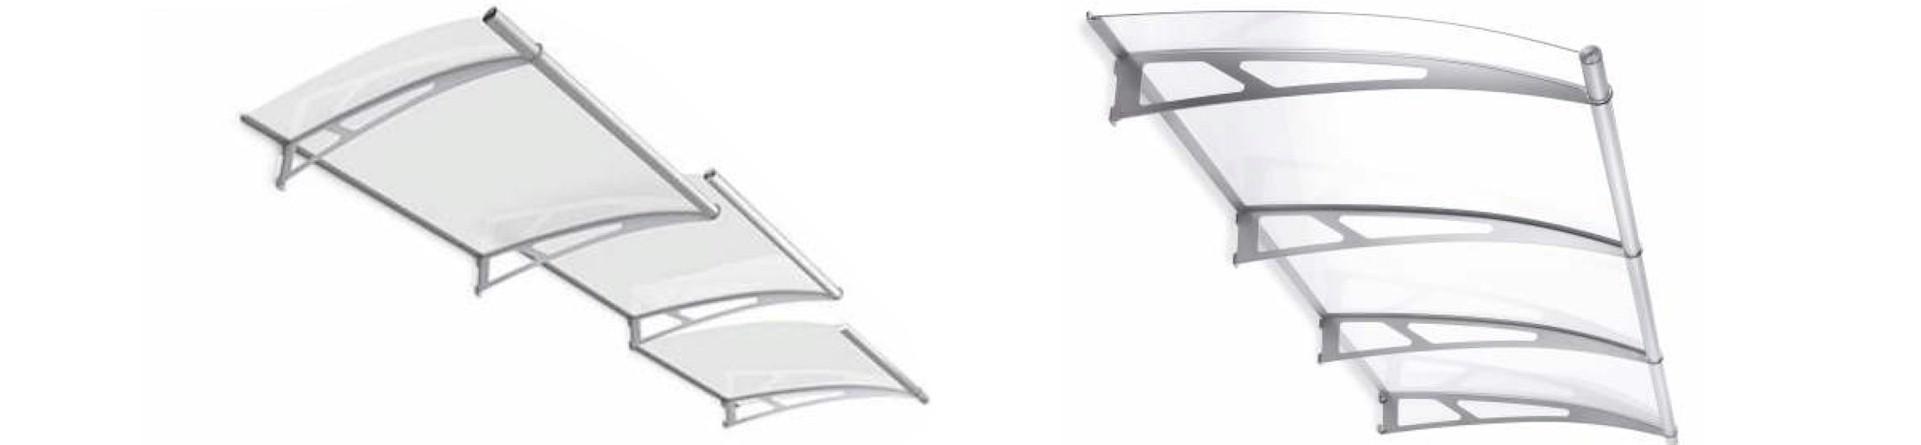 Door Canopies Canopies  sc 1 st  Master Plastics & Suppliers of GRP Glass u0026 Acrylic Door Canopies | Order Online at ...